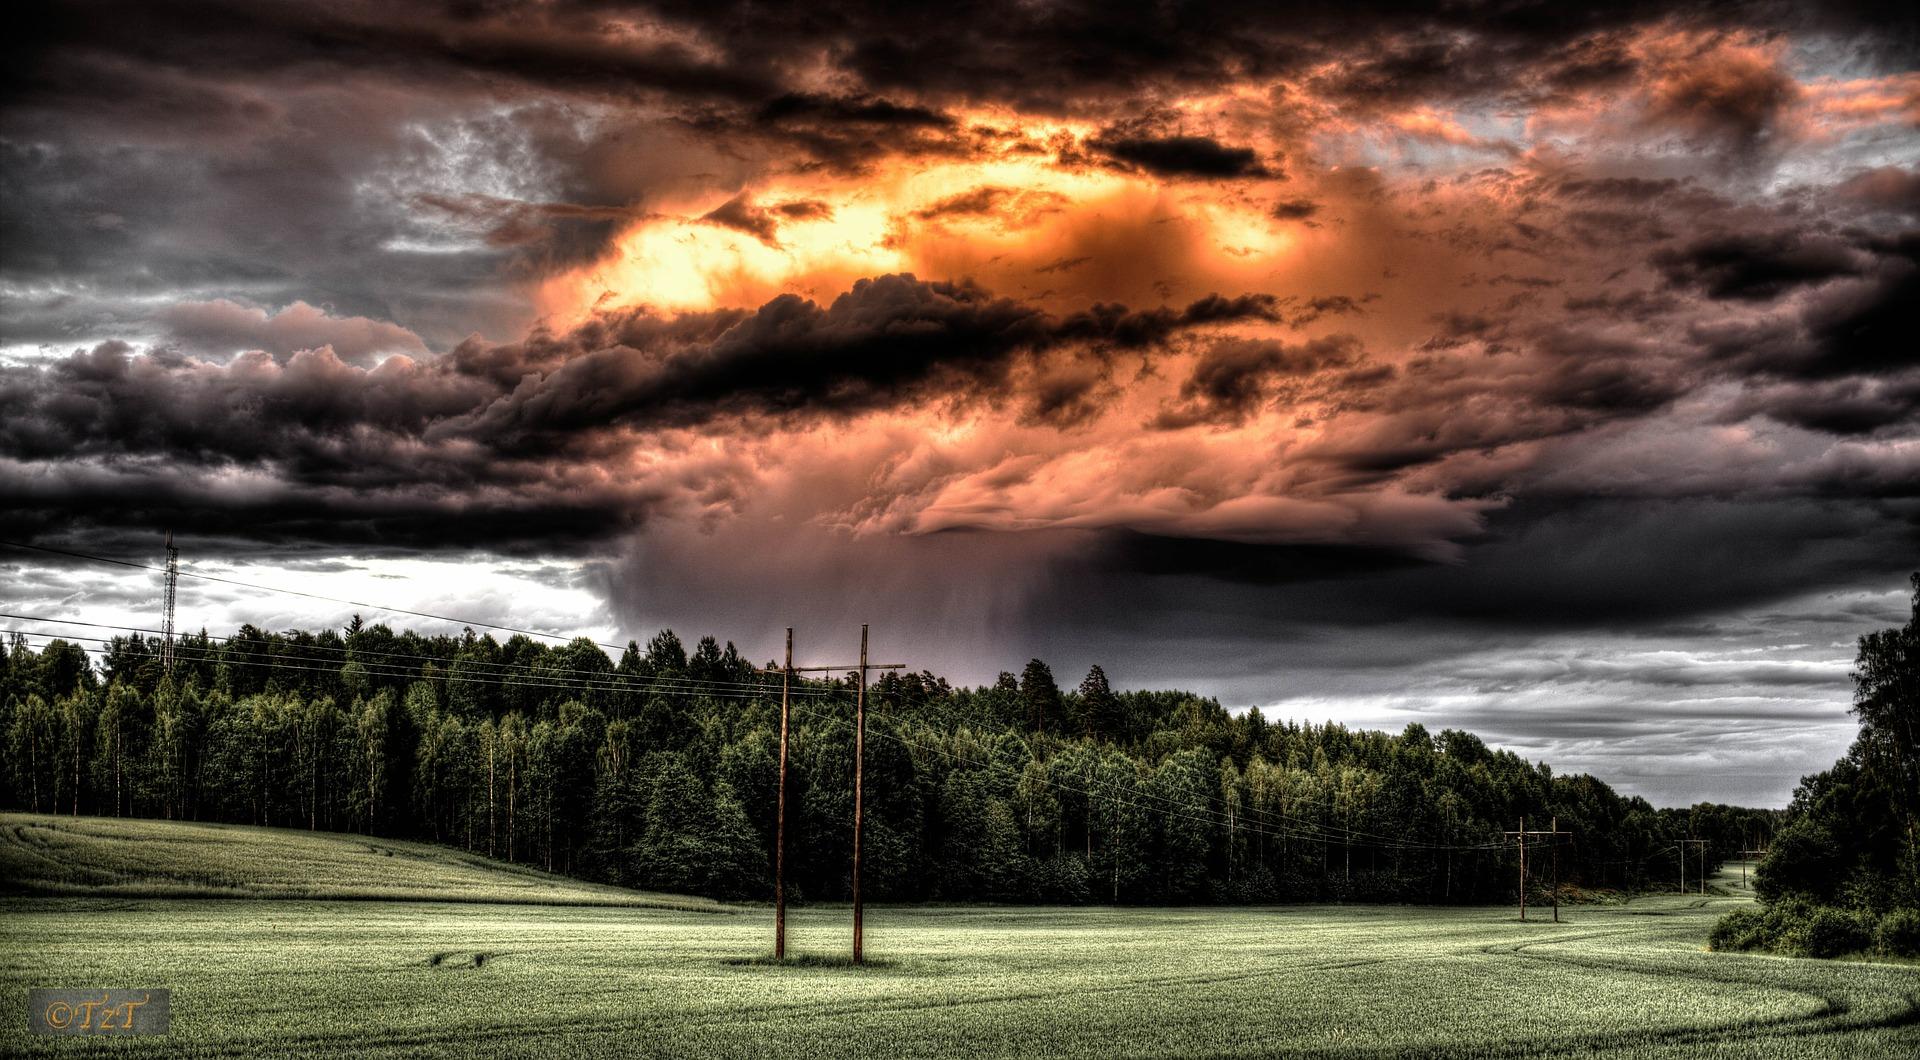 特別是天空雲層消散露出天空部份時 千萬不要猶豫拿出你的相機 即使是手機也能拍出敬人的效果